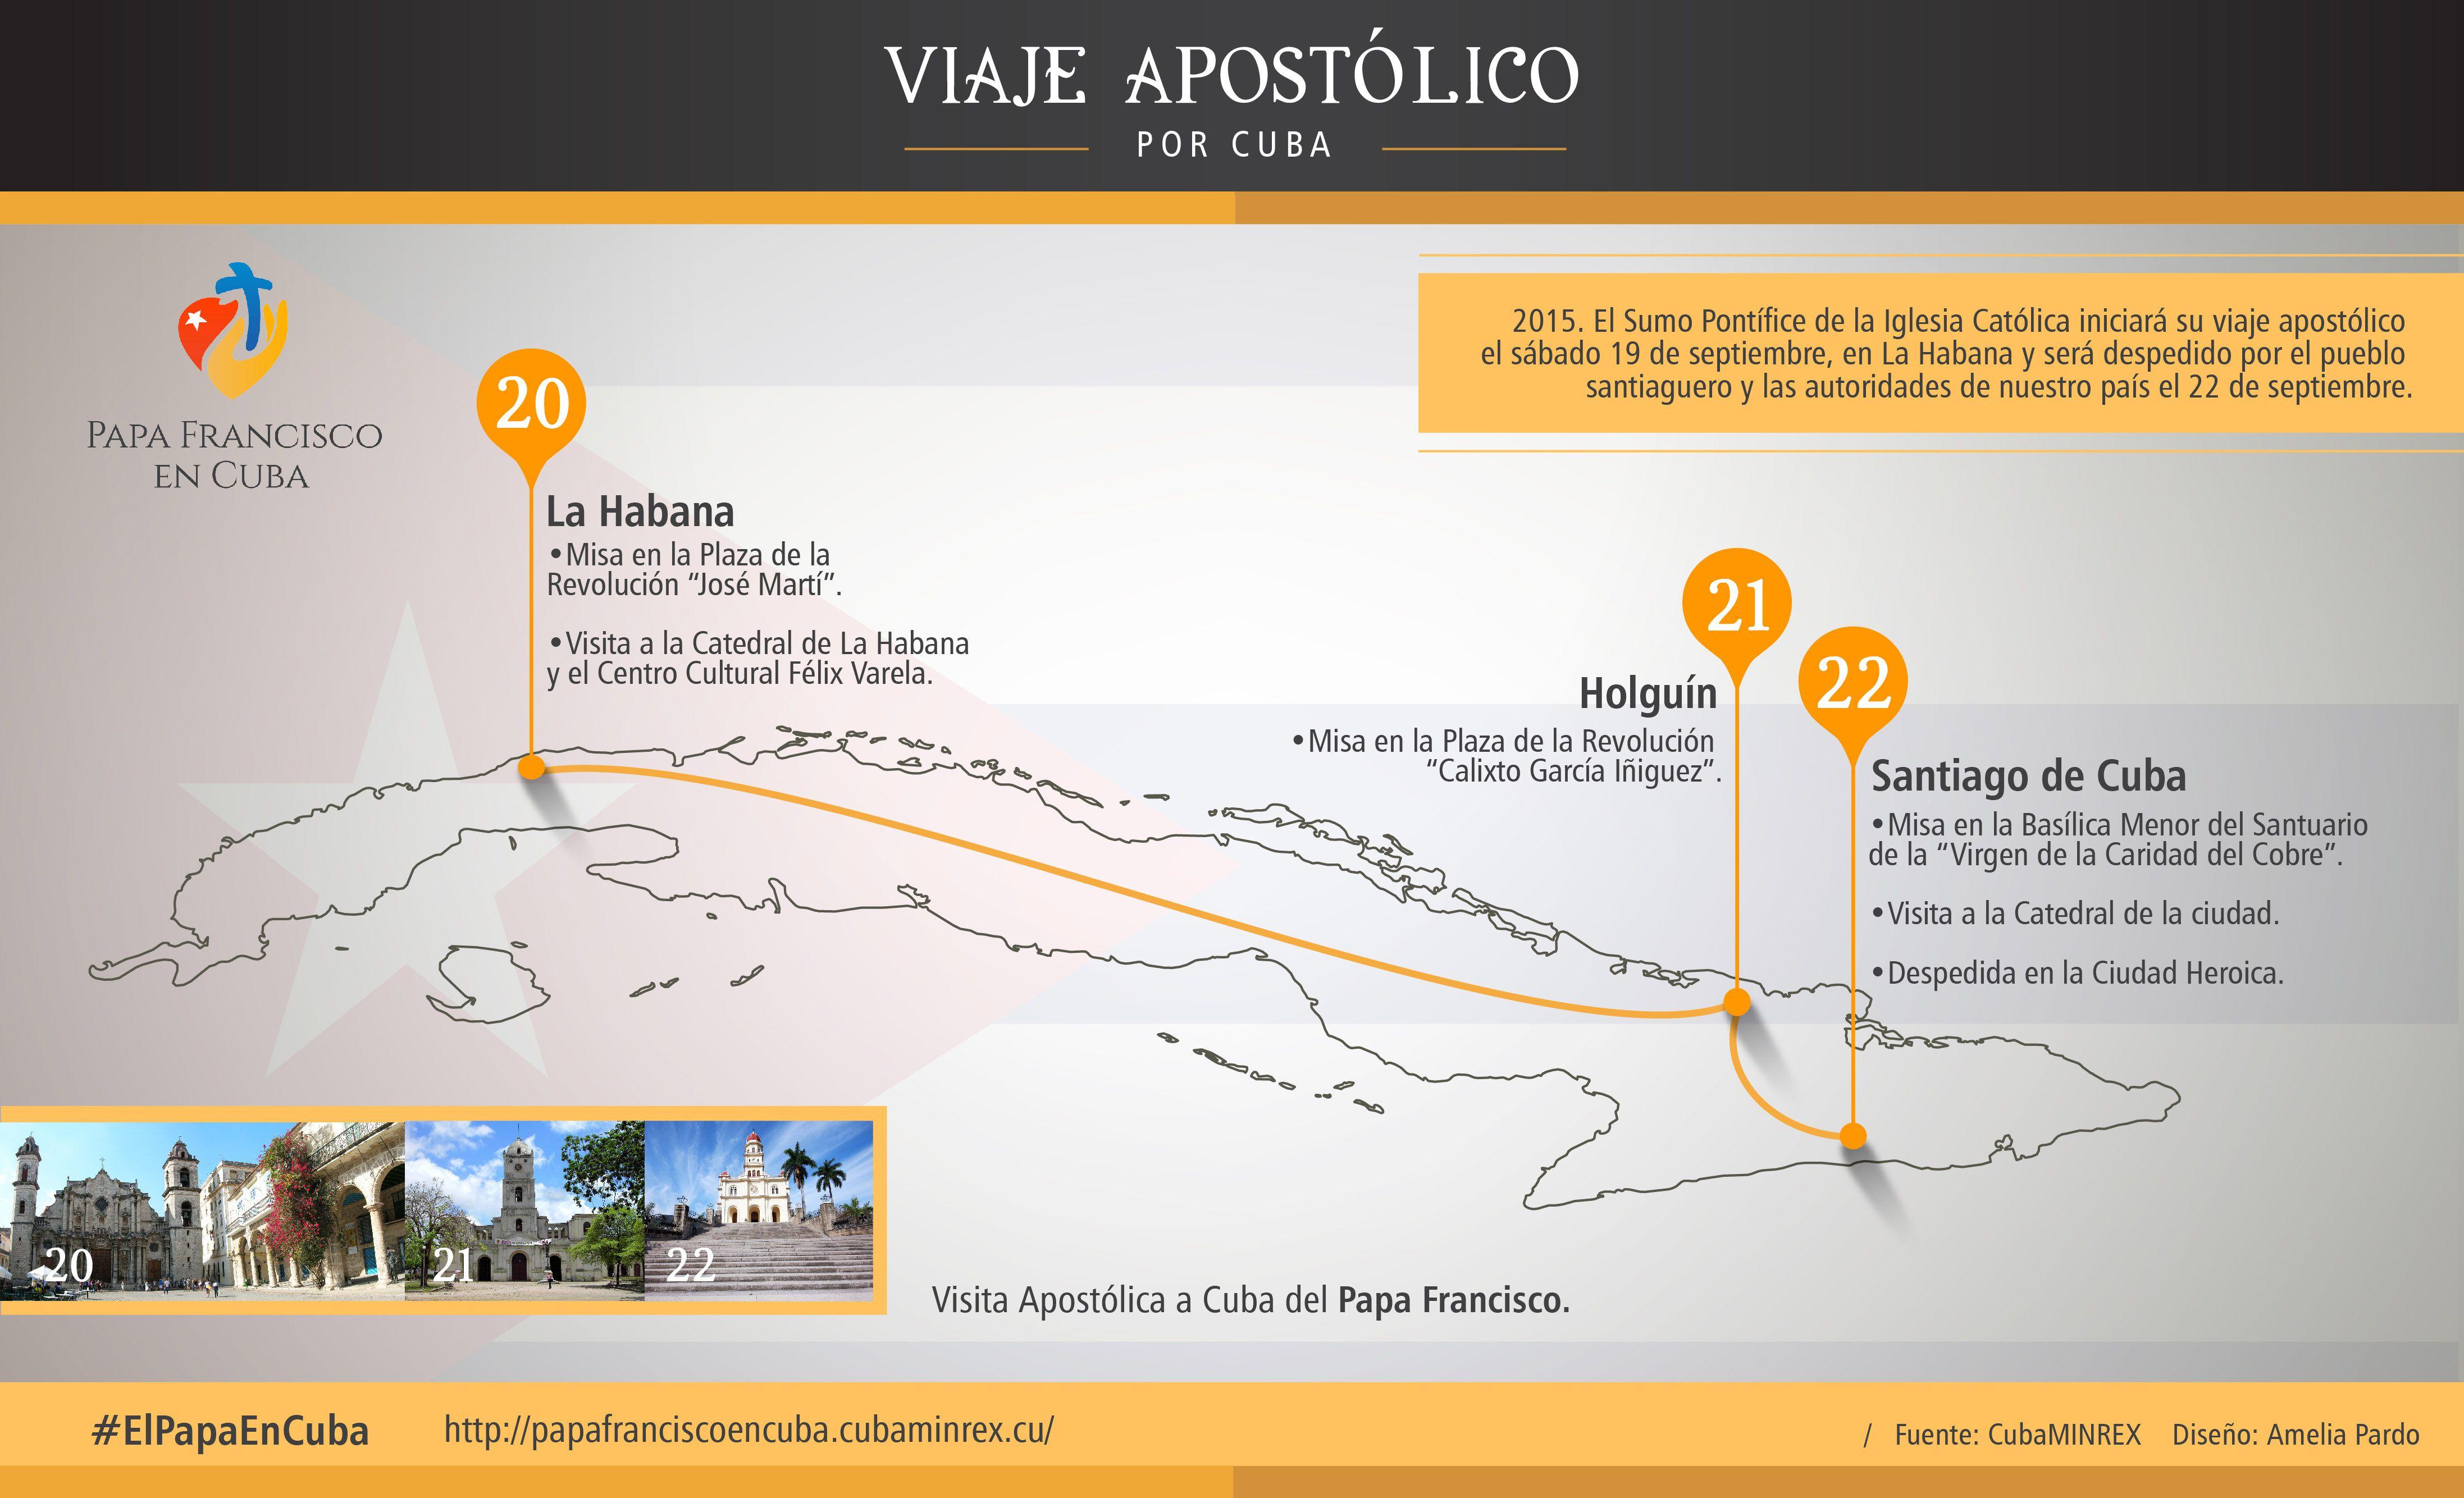 Activan sitio web oficial para la visita del papa Francisco a Cuba